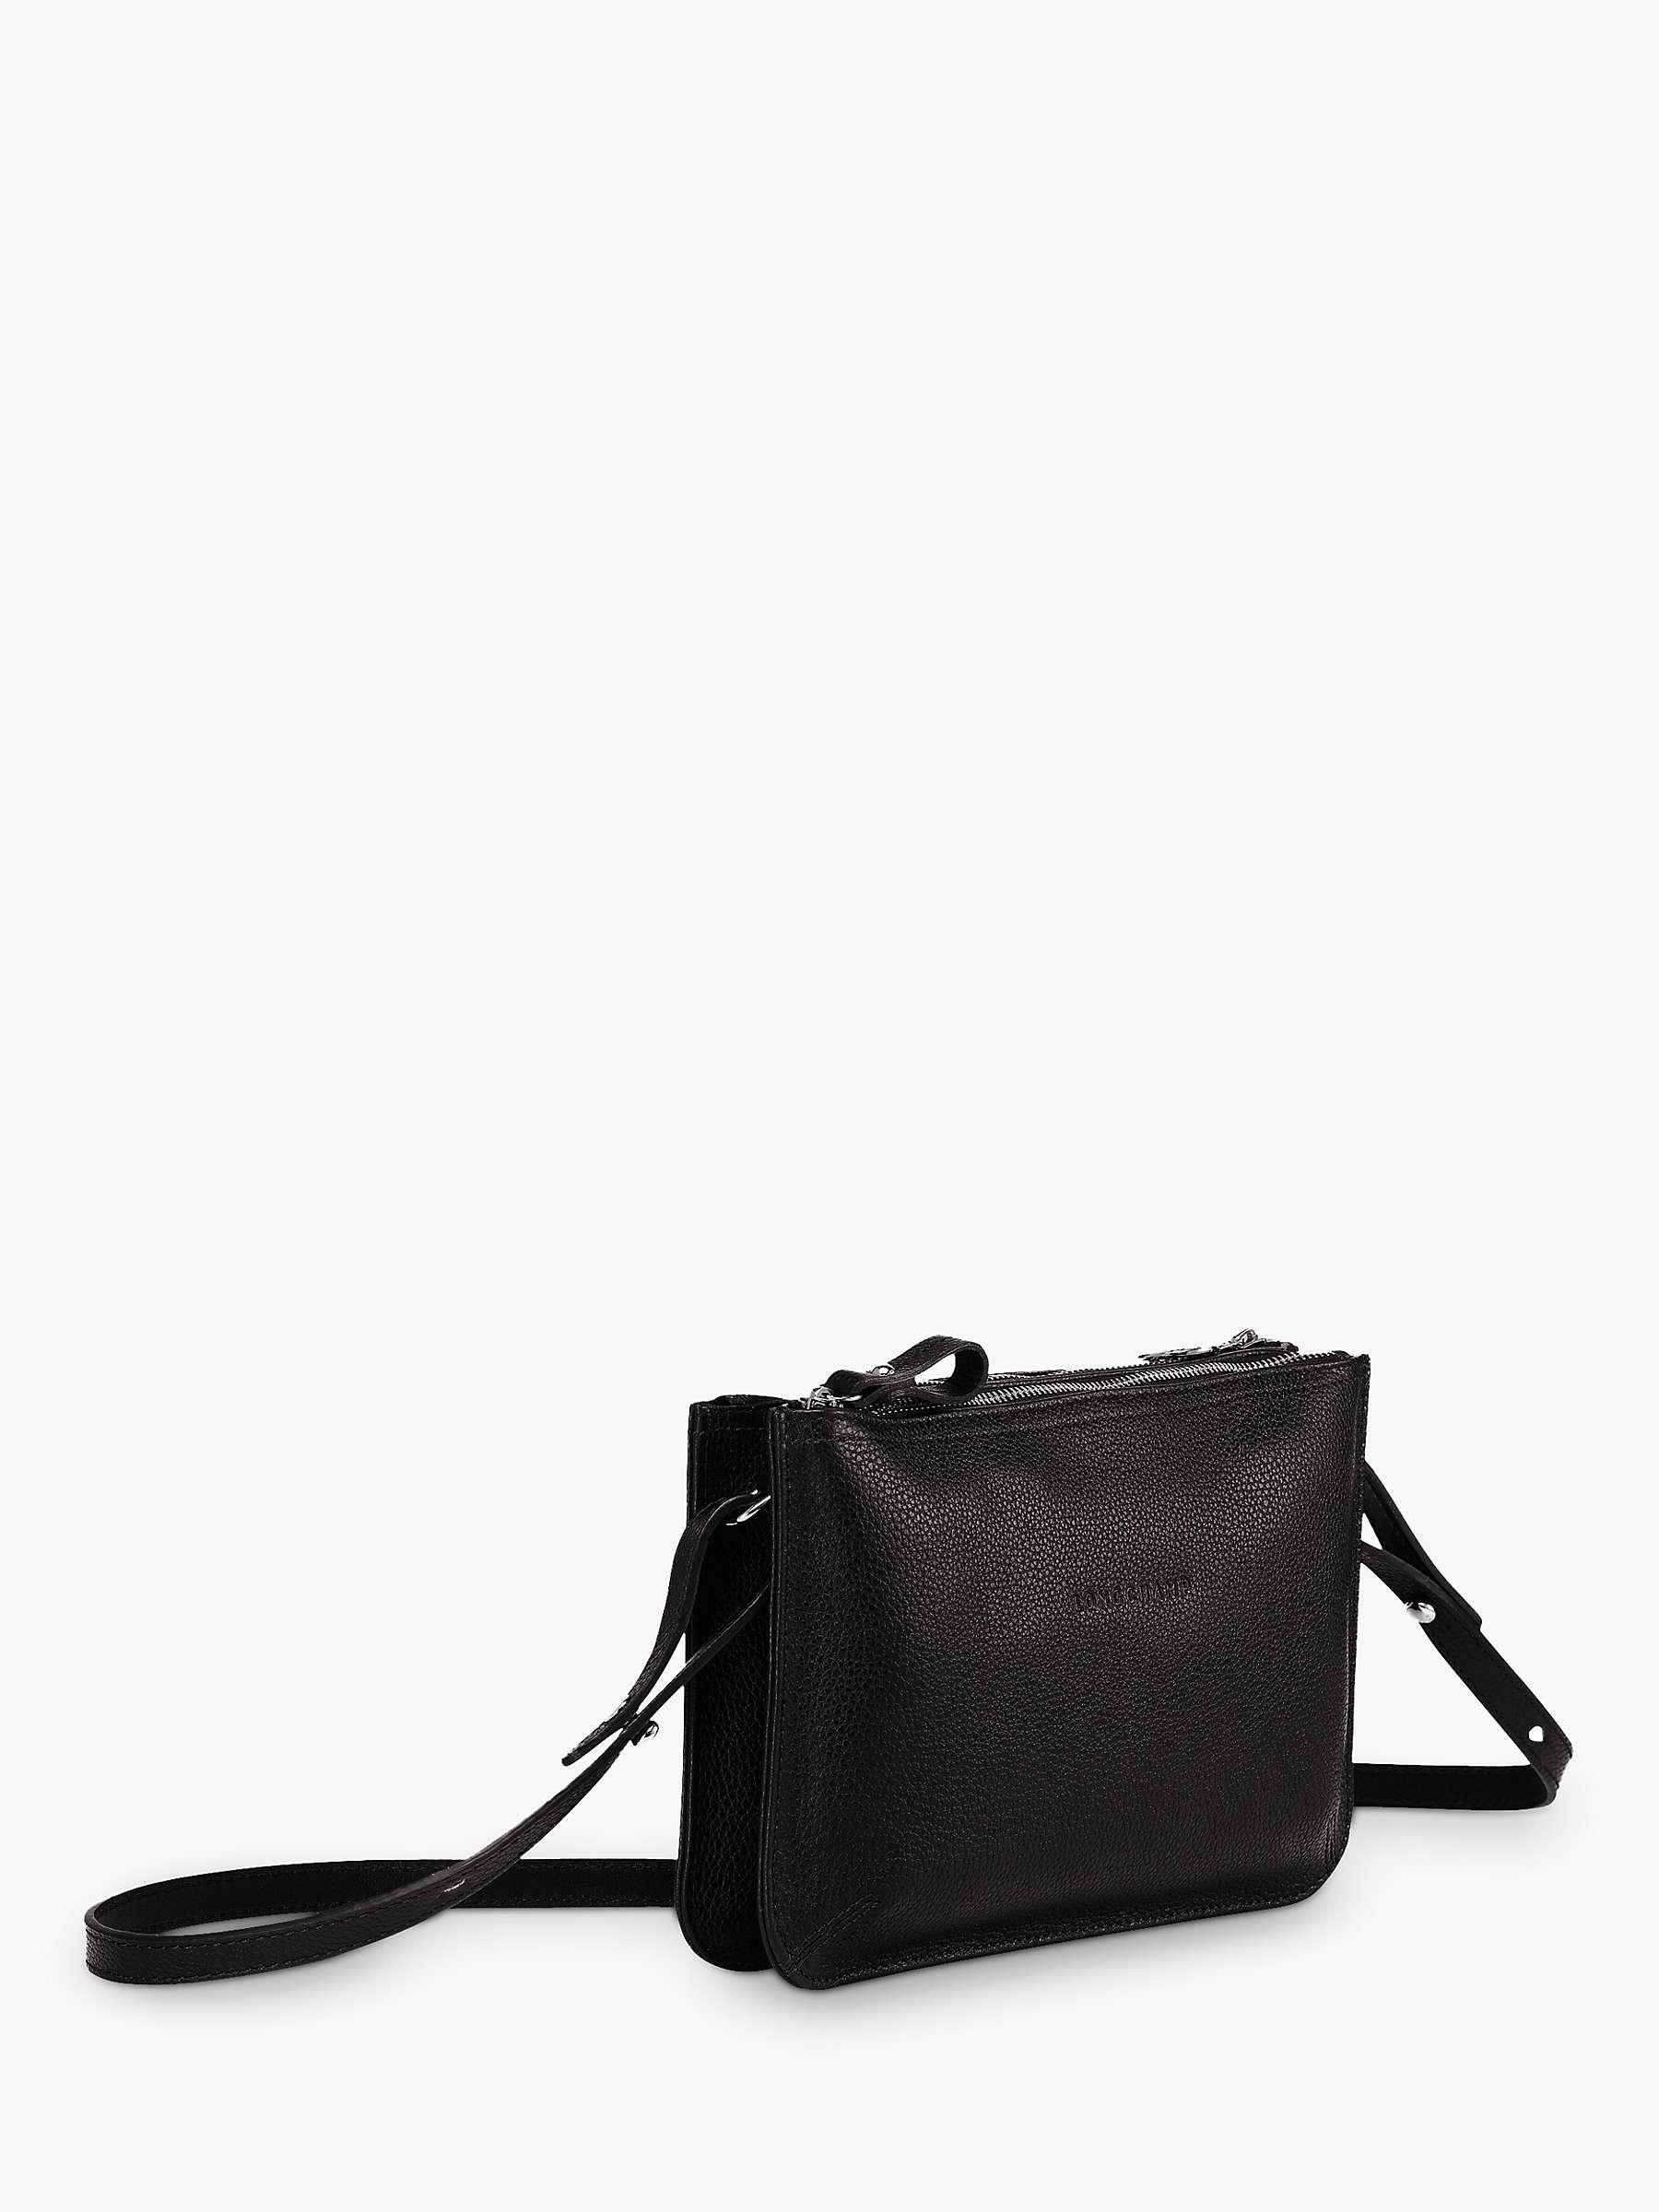 Longchamp Le Foulonné Dual Compartment Leather Cross Body Bag, Black